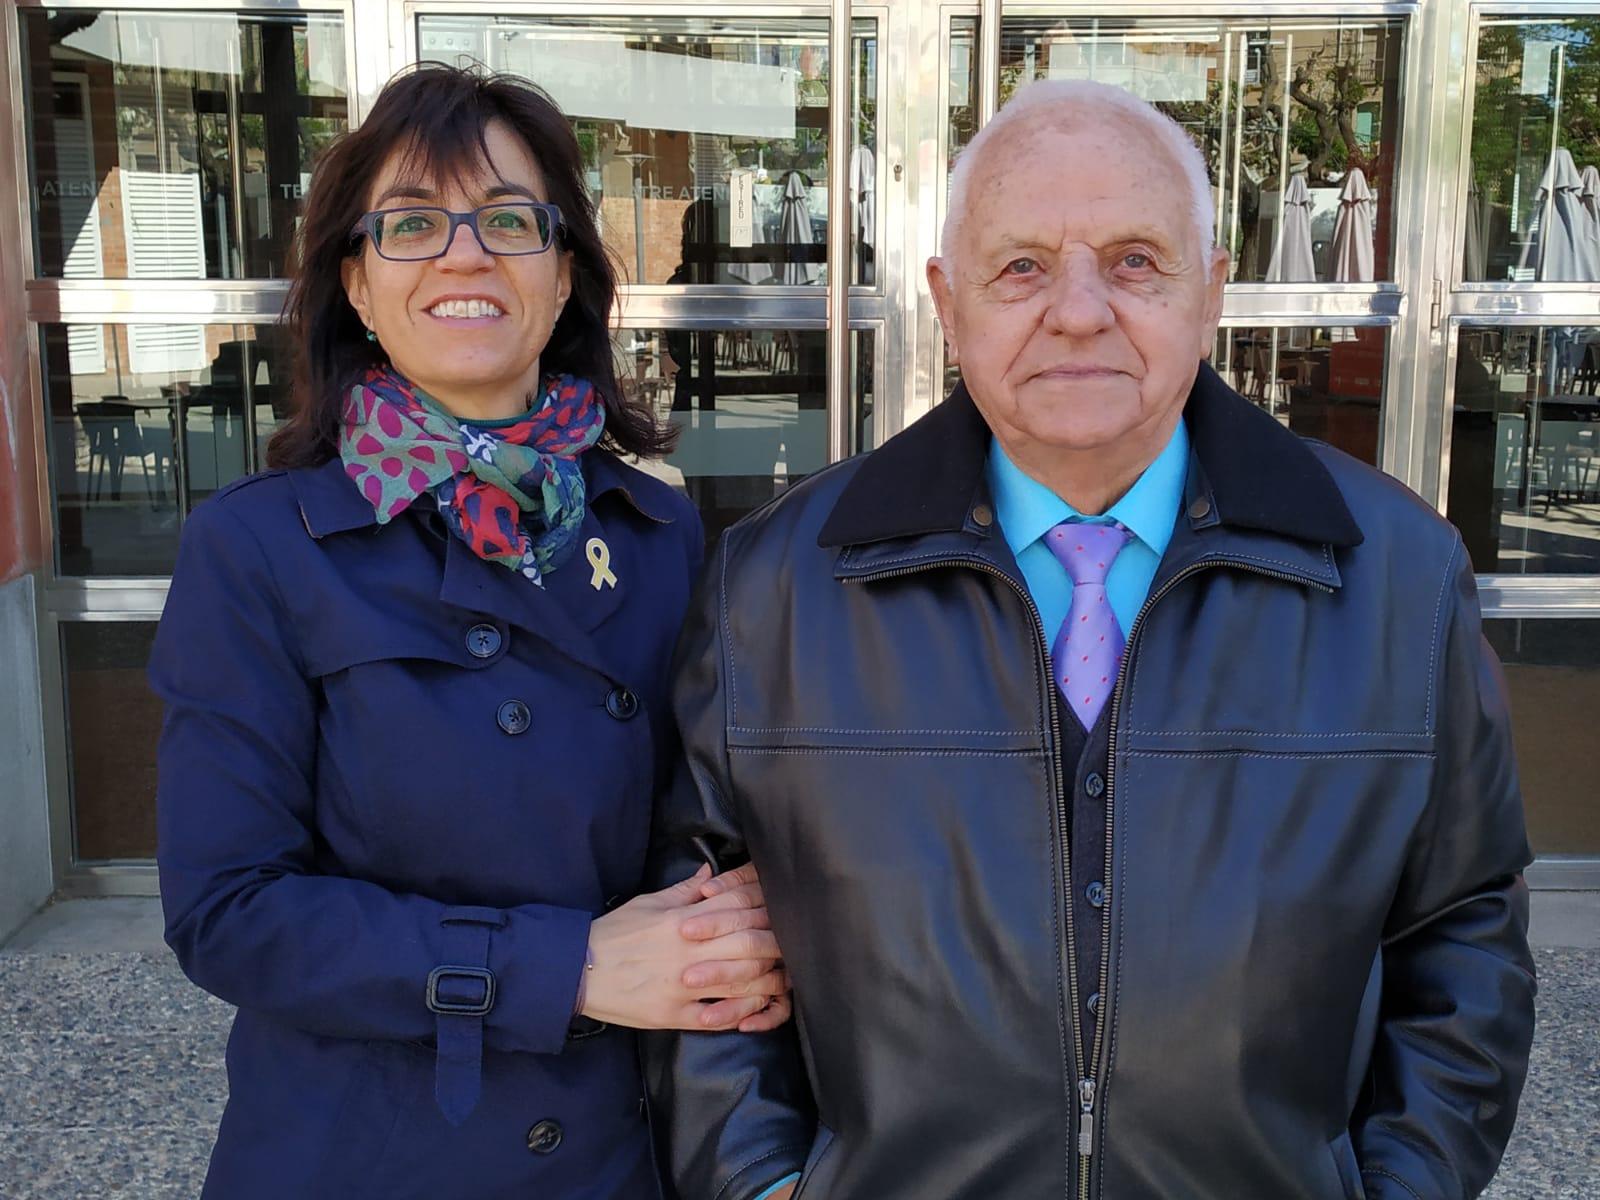 Alba Pijuan agafa el testimoni de Ramon Vallverdú, el primer regidor d'ERC a l'Ajuntament de Tàrrega